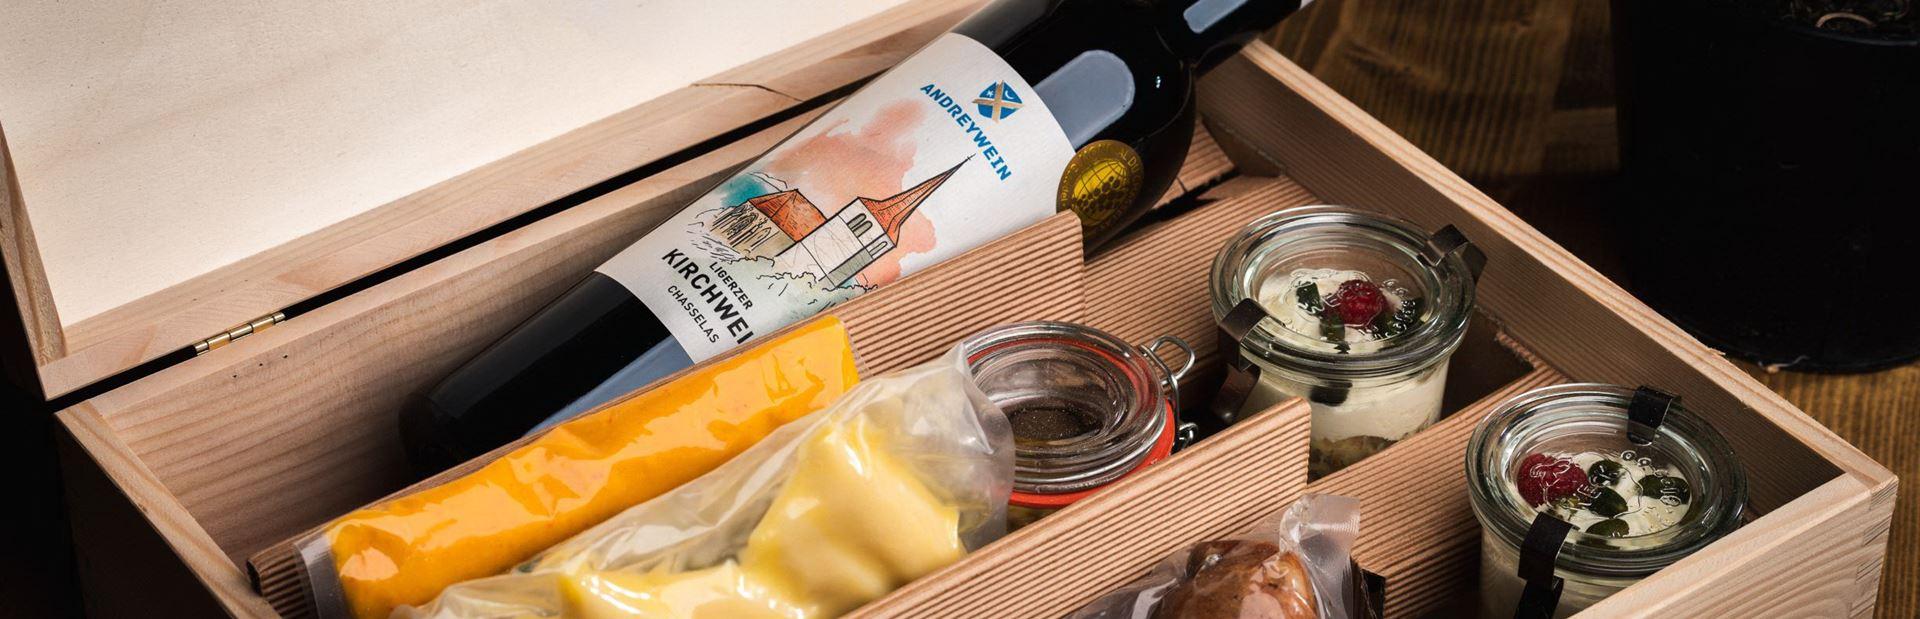 Treberwurst & Wein Box